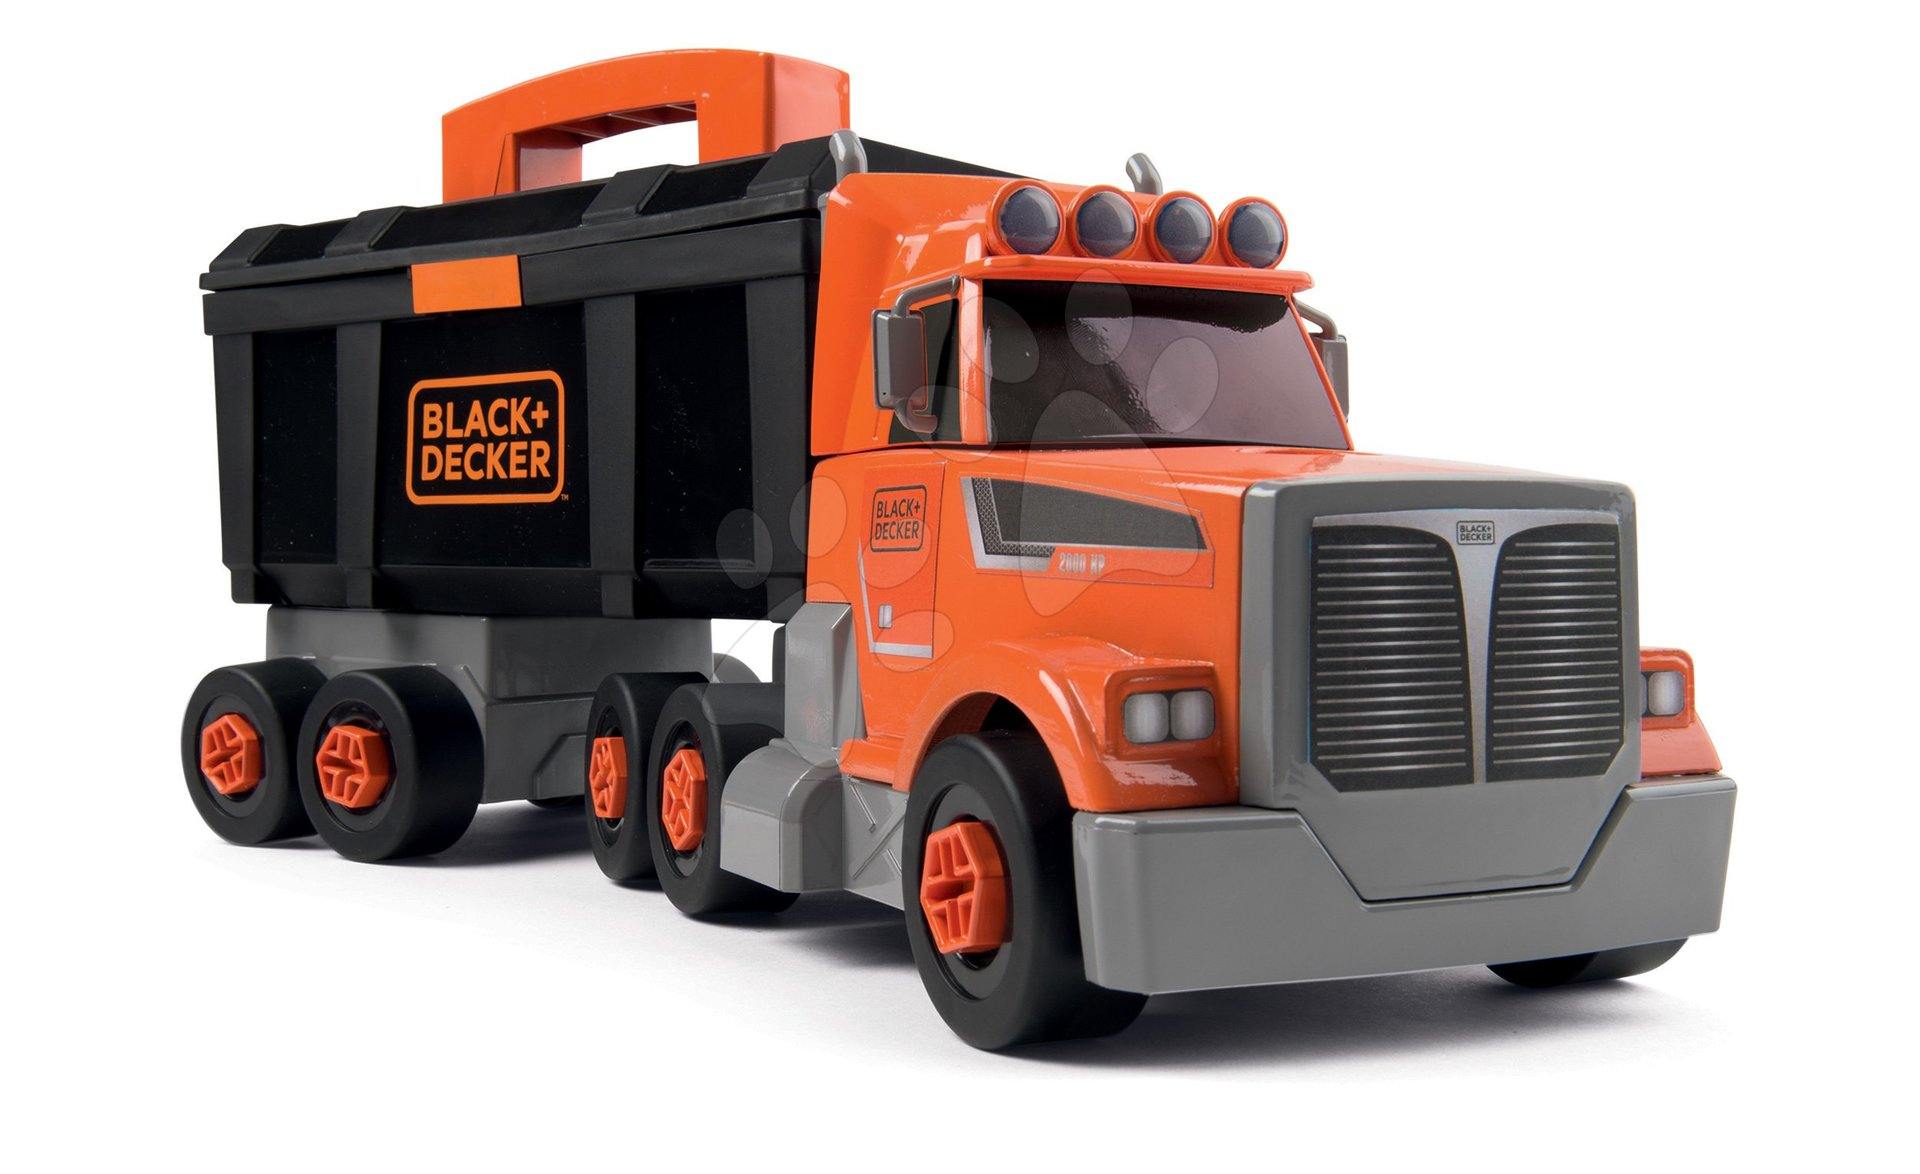 Kamion szerszámos bőrönddel Black&Decker Truck Smoby és 60 kiegészítővel, szerszámokkal